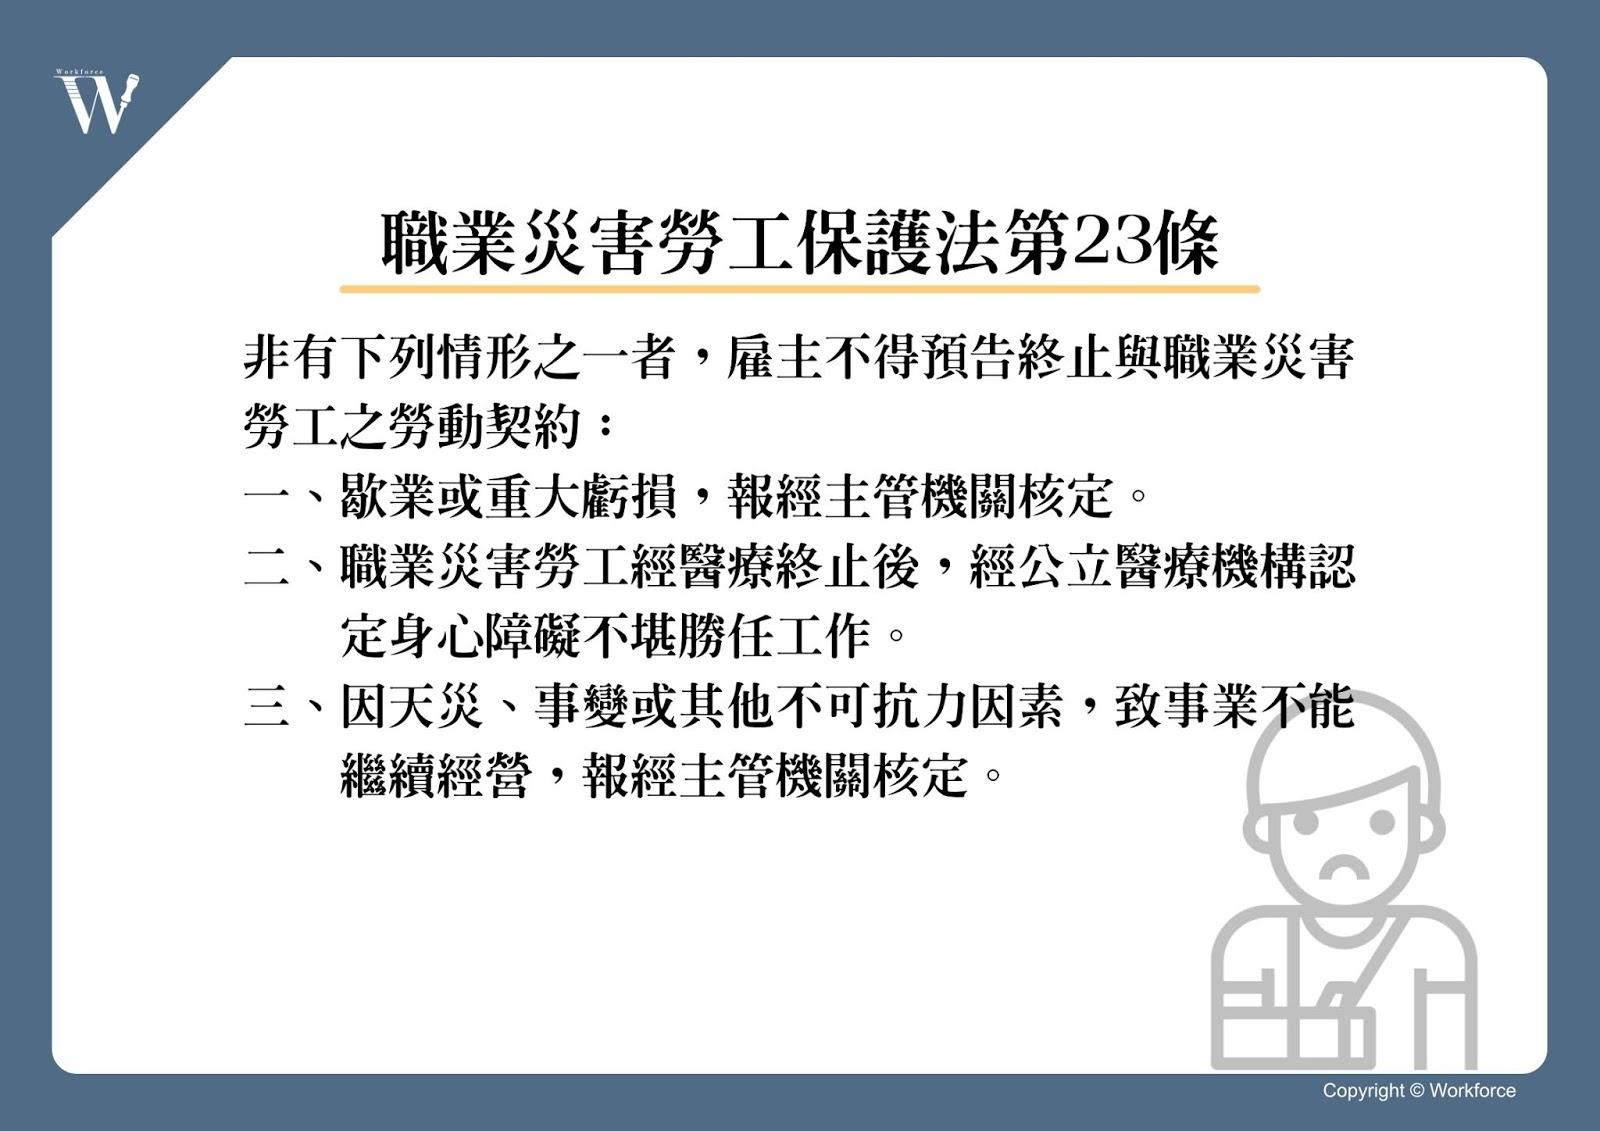 職業災害勞工保護法第23條(職災勞工解僱限制)